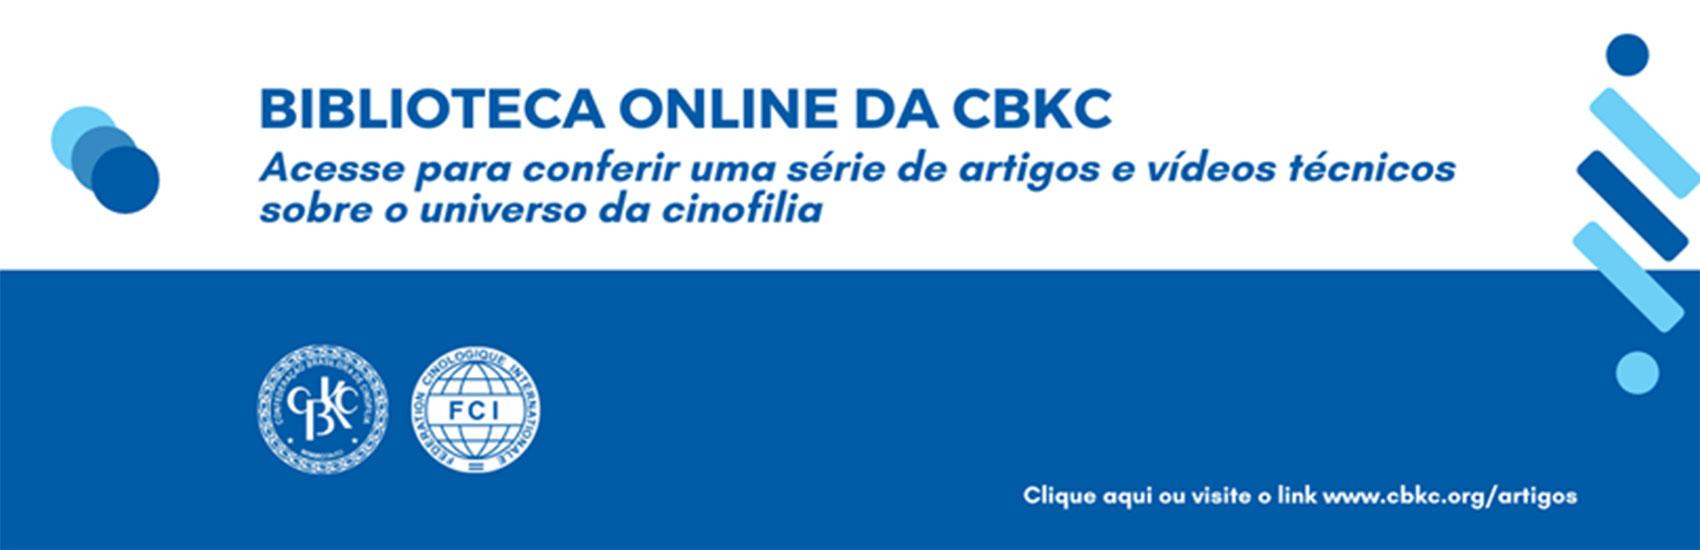 CBKC - Biblioteca de Artigos Técnicos CBKC